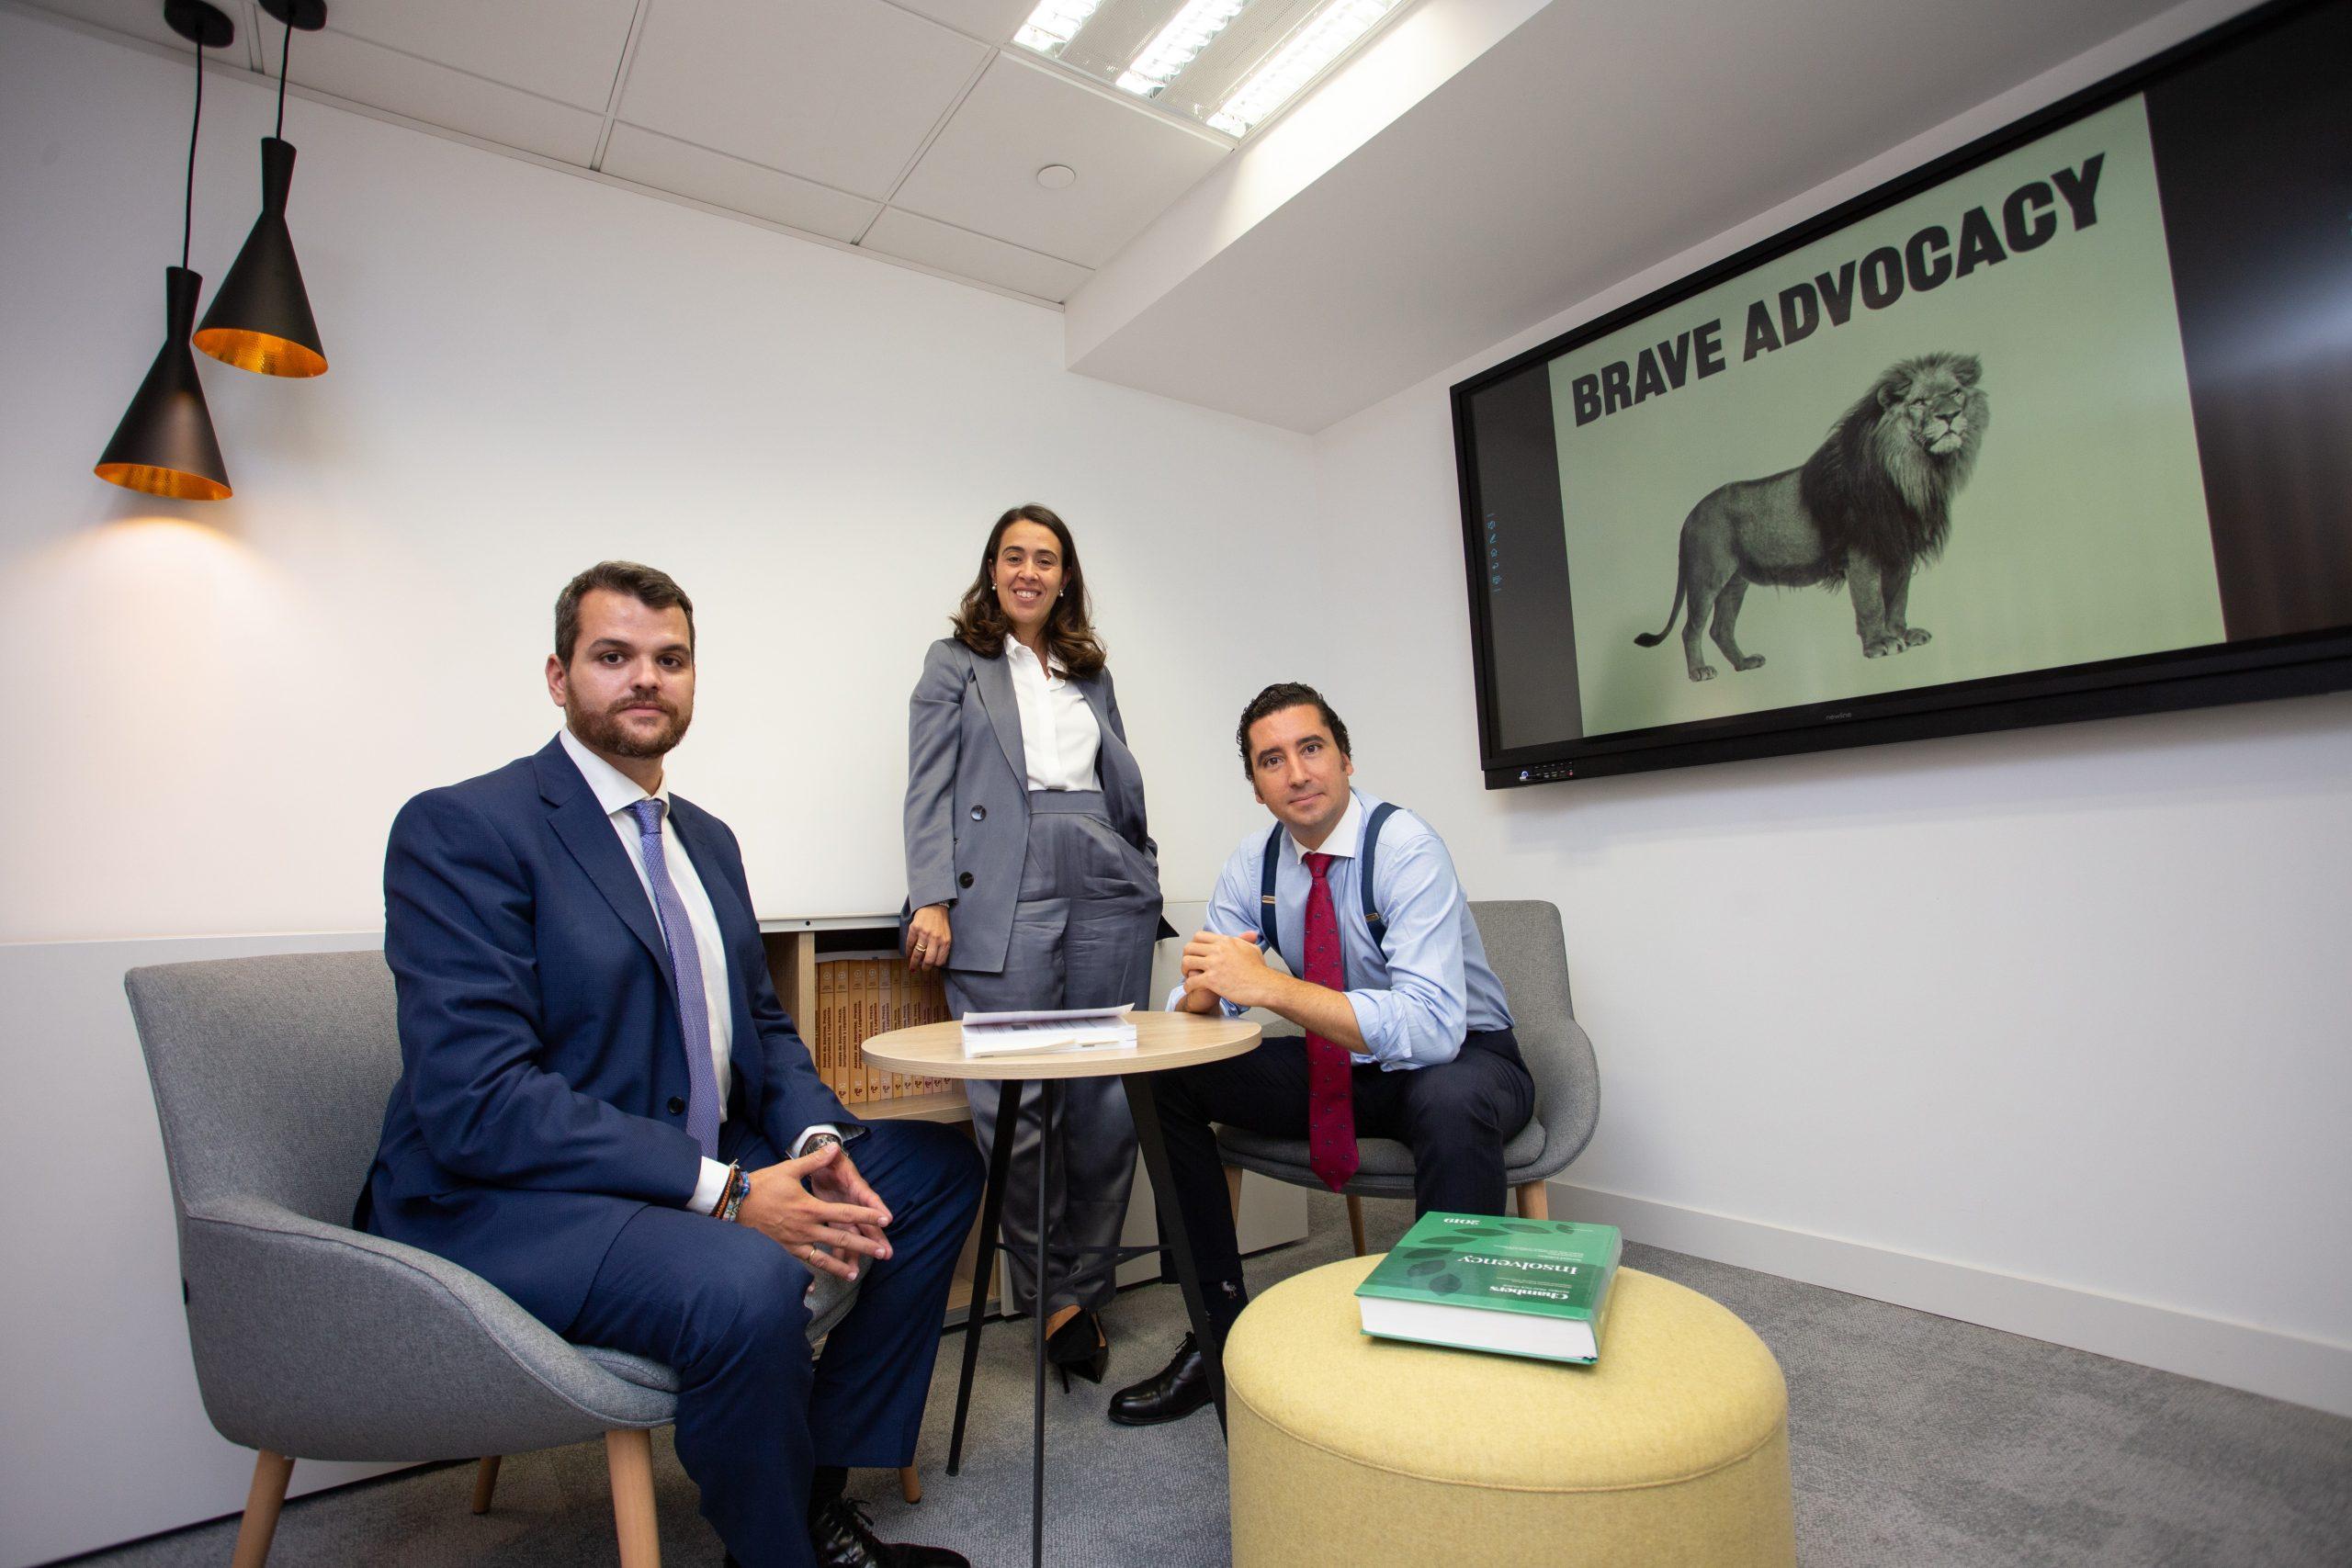 Nace KEPLER—KARST, firma especializada en Reestructuraciones e Insolvencias que busca cambiar la abogacía de los negocios